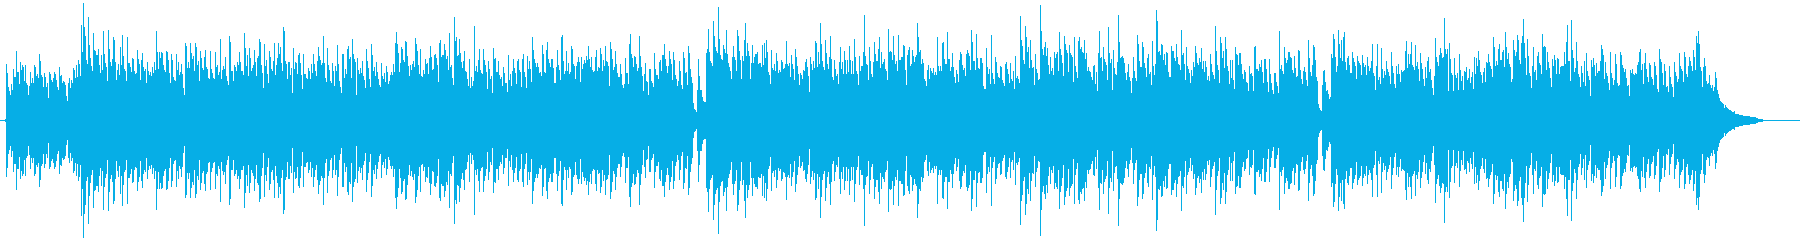 鈴入りジングルベル アコギカントリー冬の再生済みの波形